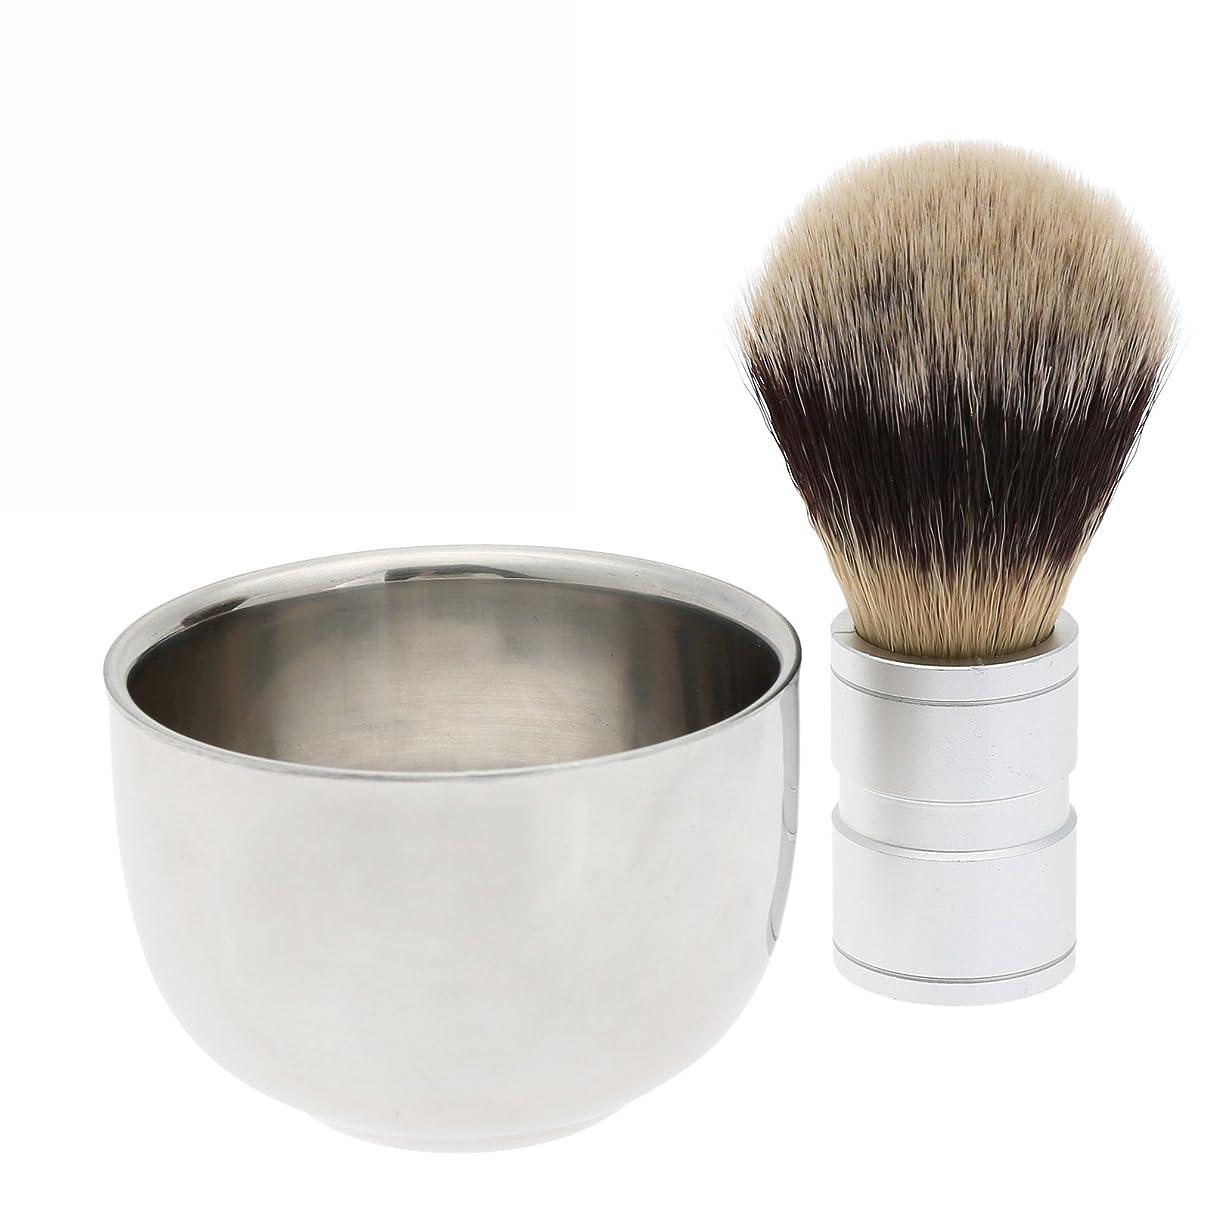 レンディションインフラ落ち着いて2PC/セット メンズシェービング用 シェービングブラシ +ステンレス鋼のボウルマグカップ ギフト 理容 洗顔 髭剃り